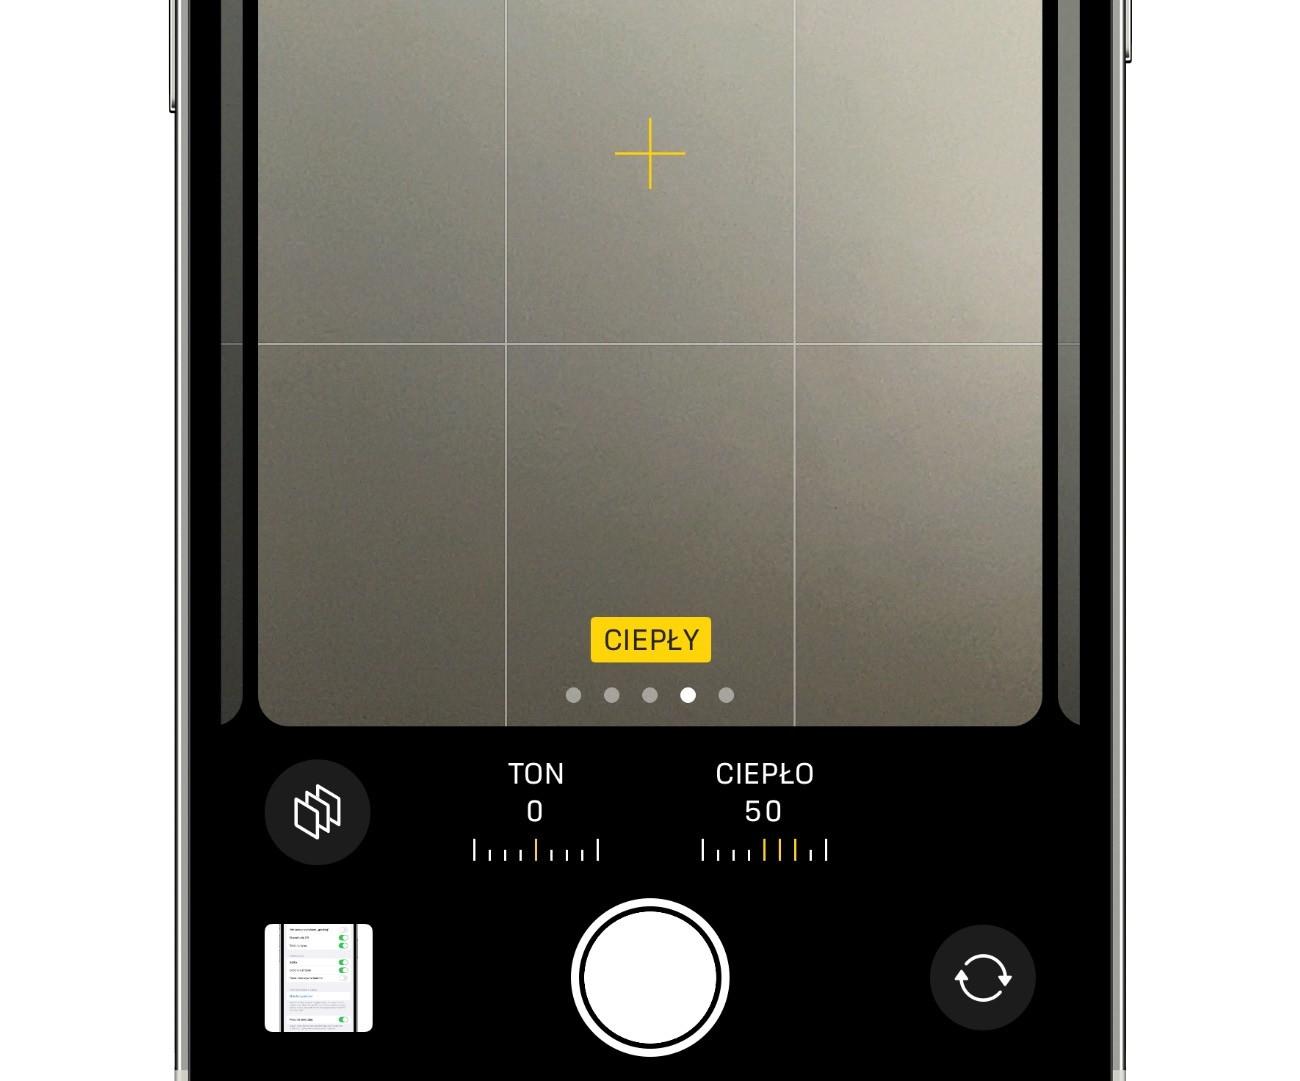 Style fotograficzne w iPhone 13 | 13 Pro - jak używać? ciekawostki style fotograficzne w iphone 13, style fotograficzne, jak uzywac style fotograficzne w iphone 13, iPhone 13 Pro, iPhone 13  Jedną z nowych funkcji, która pojawiła się w iPhone 13 | 13 Pro są style fotograficzne. Co to takiego i jak używać nowości? style 1 1